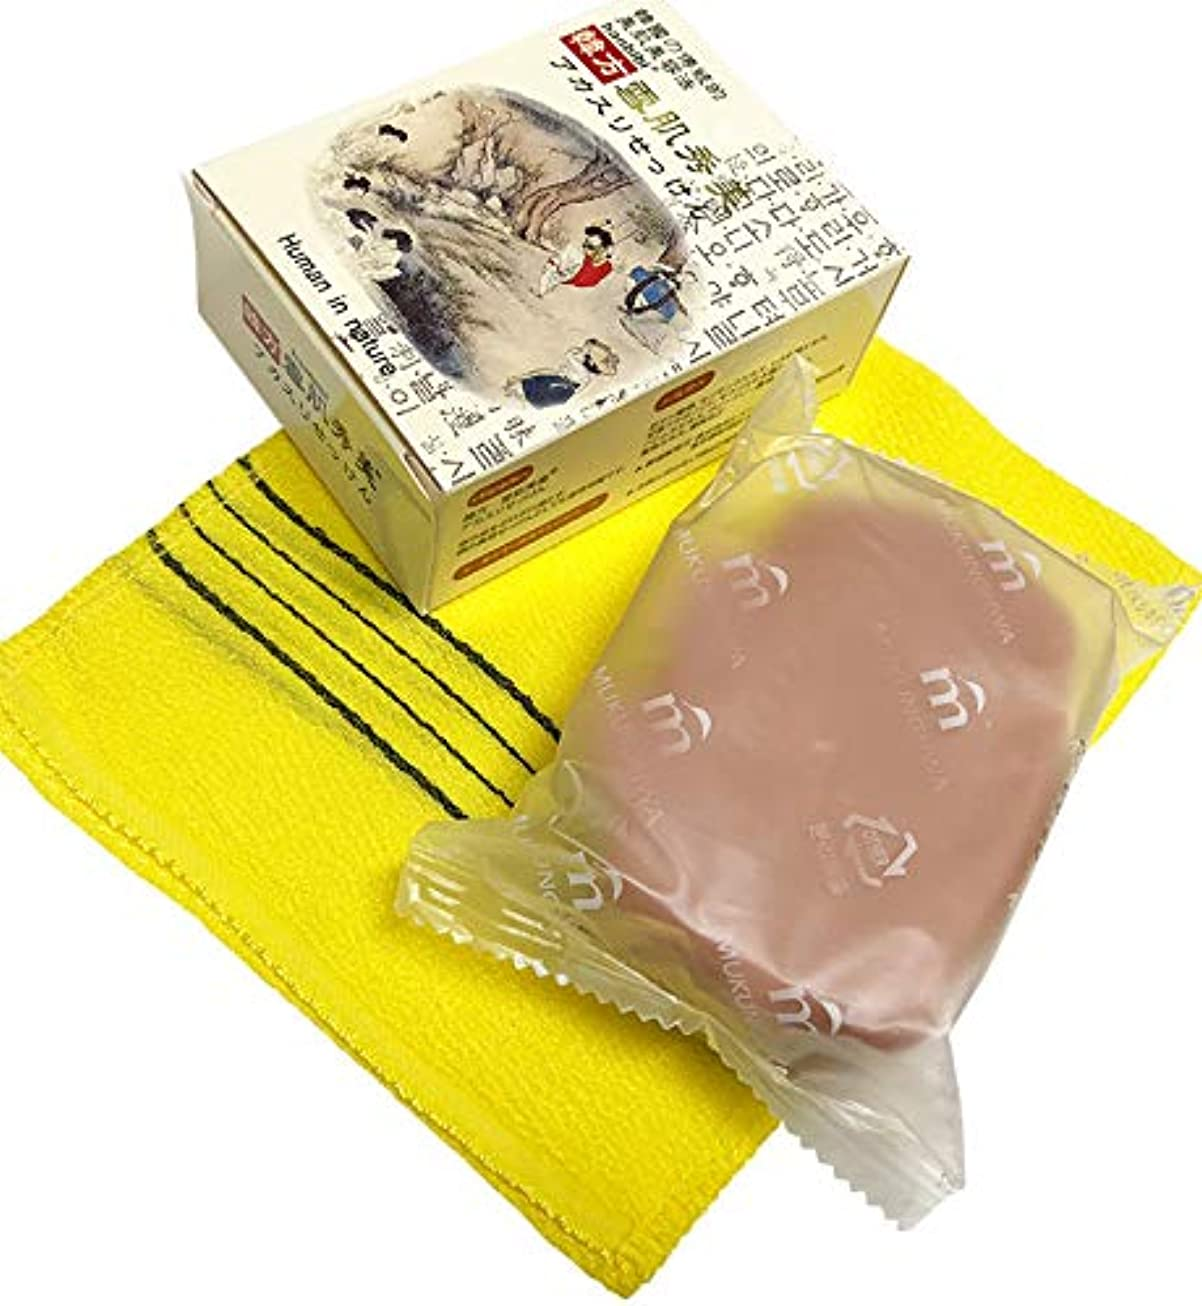 ライバルドル徹底的に顔、体兼用、蜂蜜香りの韓方石ケン、韓国コスメ 韓方[]蜂蜜アカスリせっけん アカスリ専用タオル付き